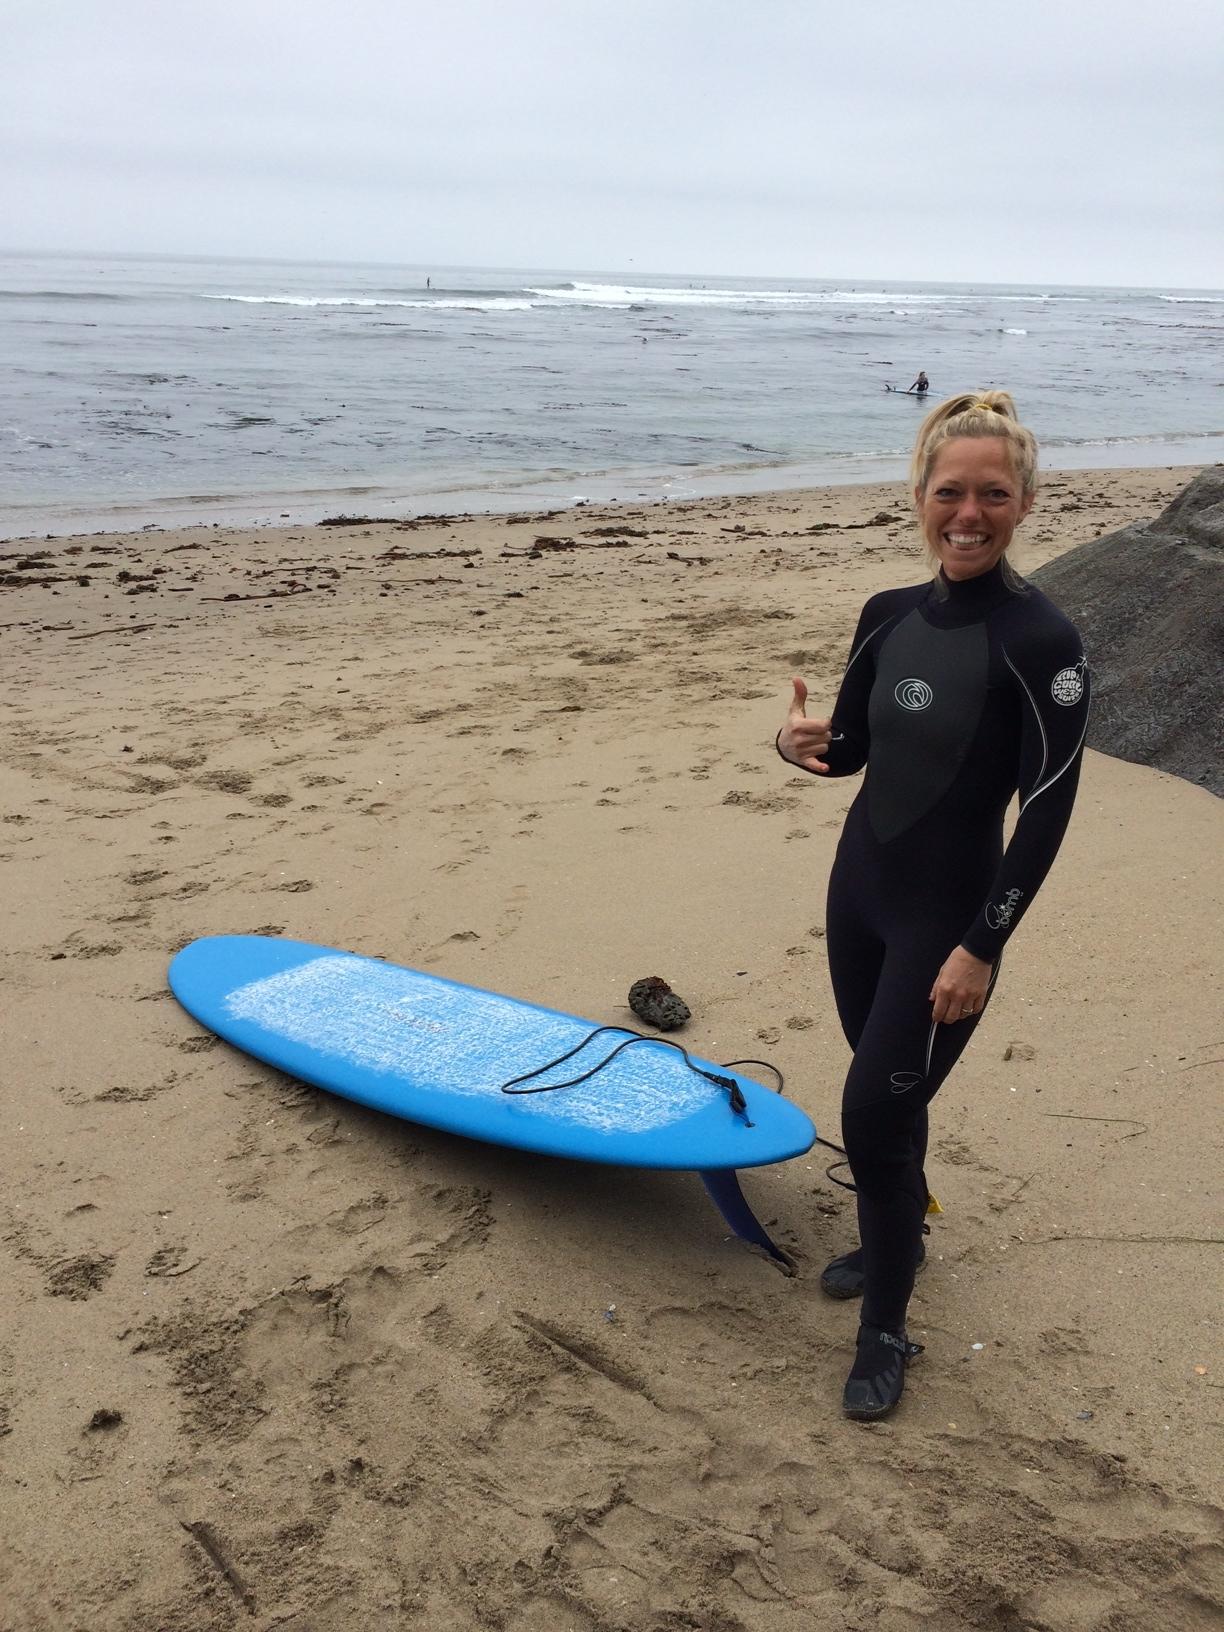 Pamela ready for her lesson in Santa Cruz.